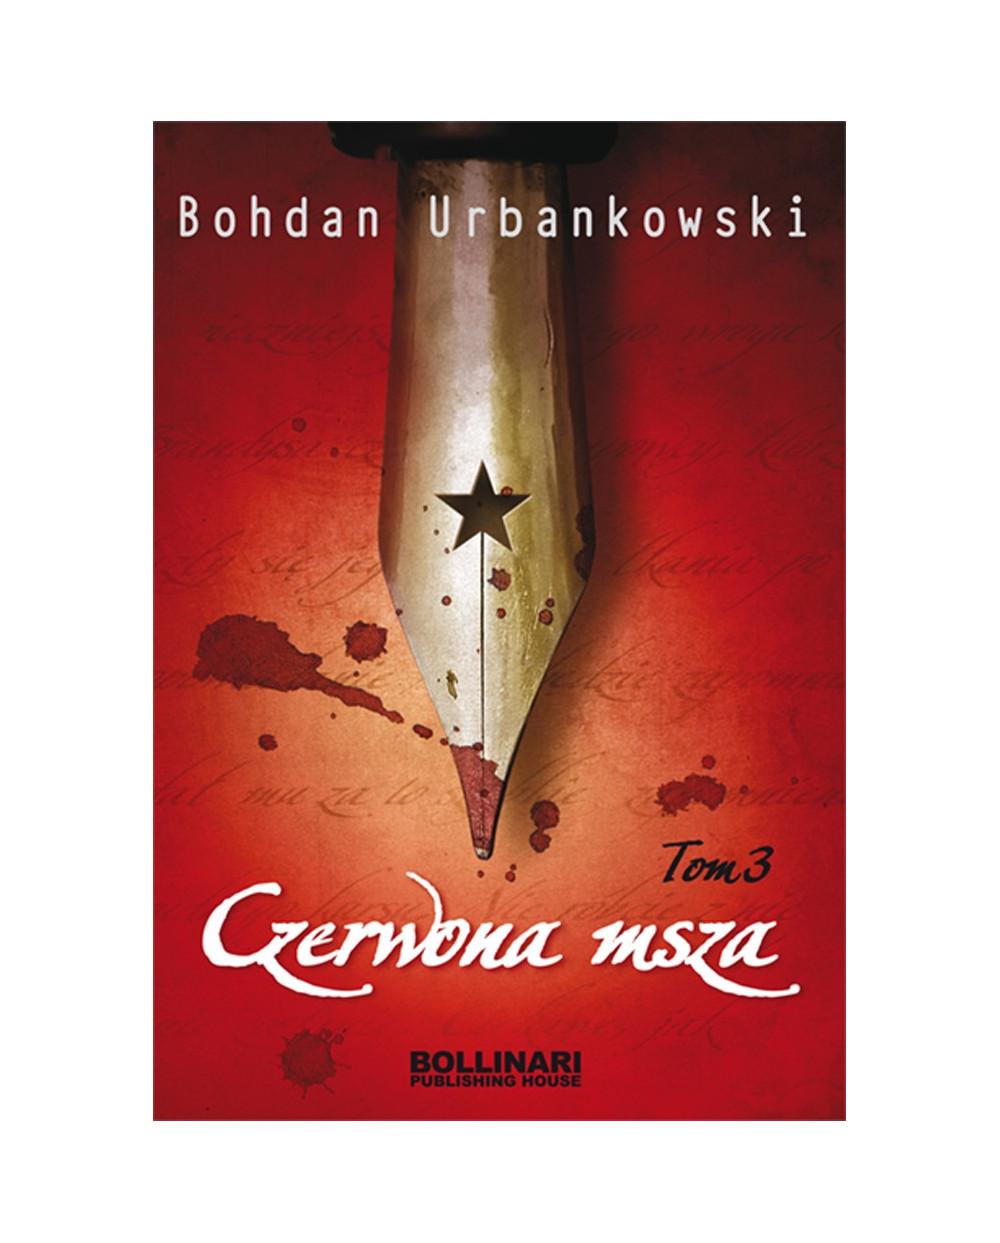 Czerwona msza. Tom III - Bohdan Urbankowski